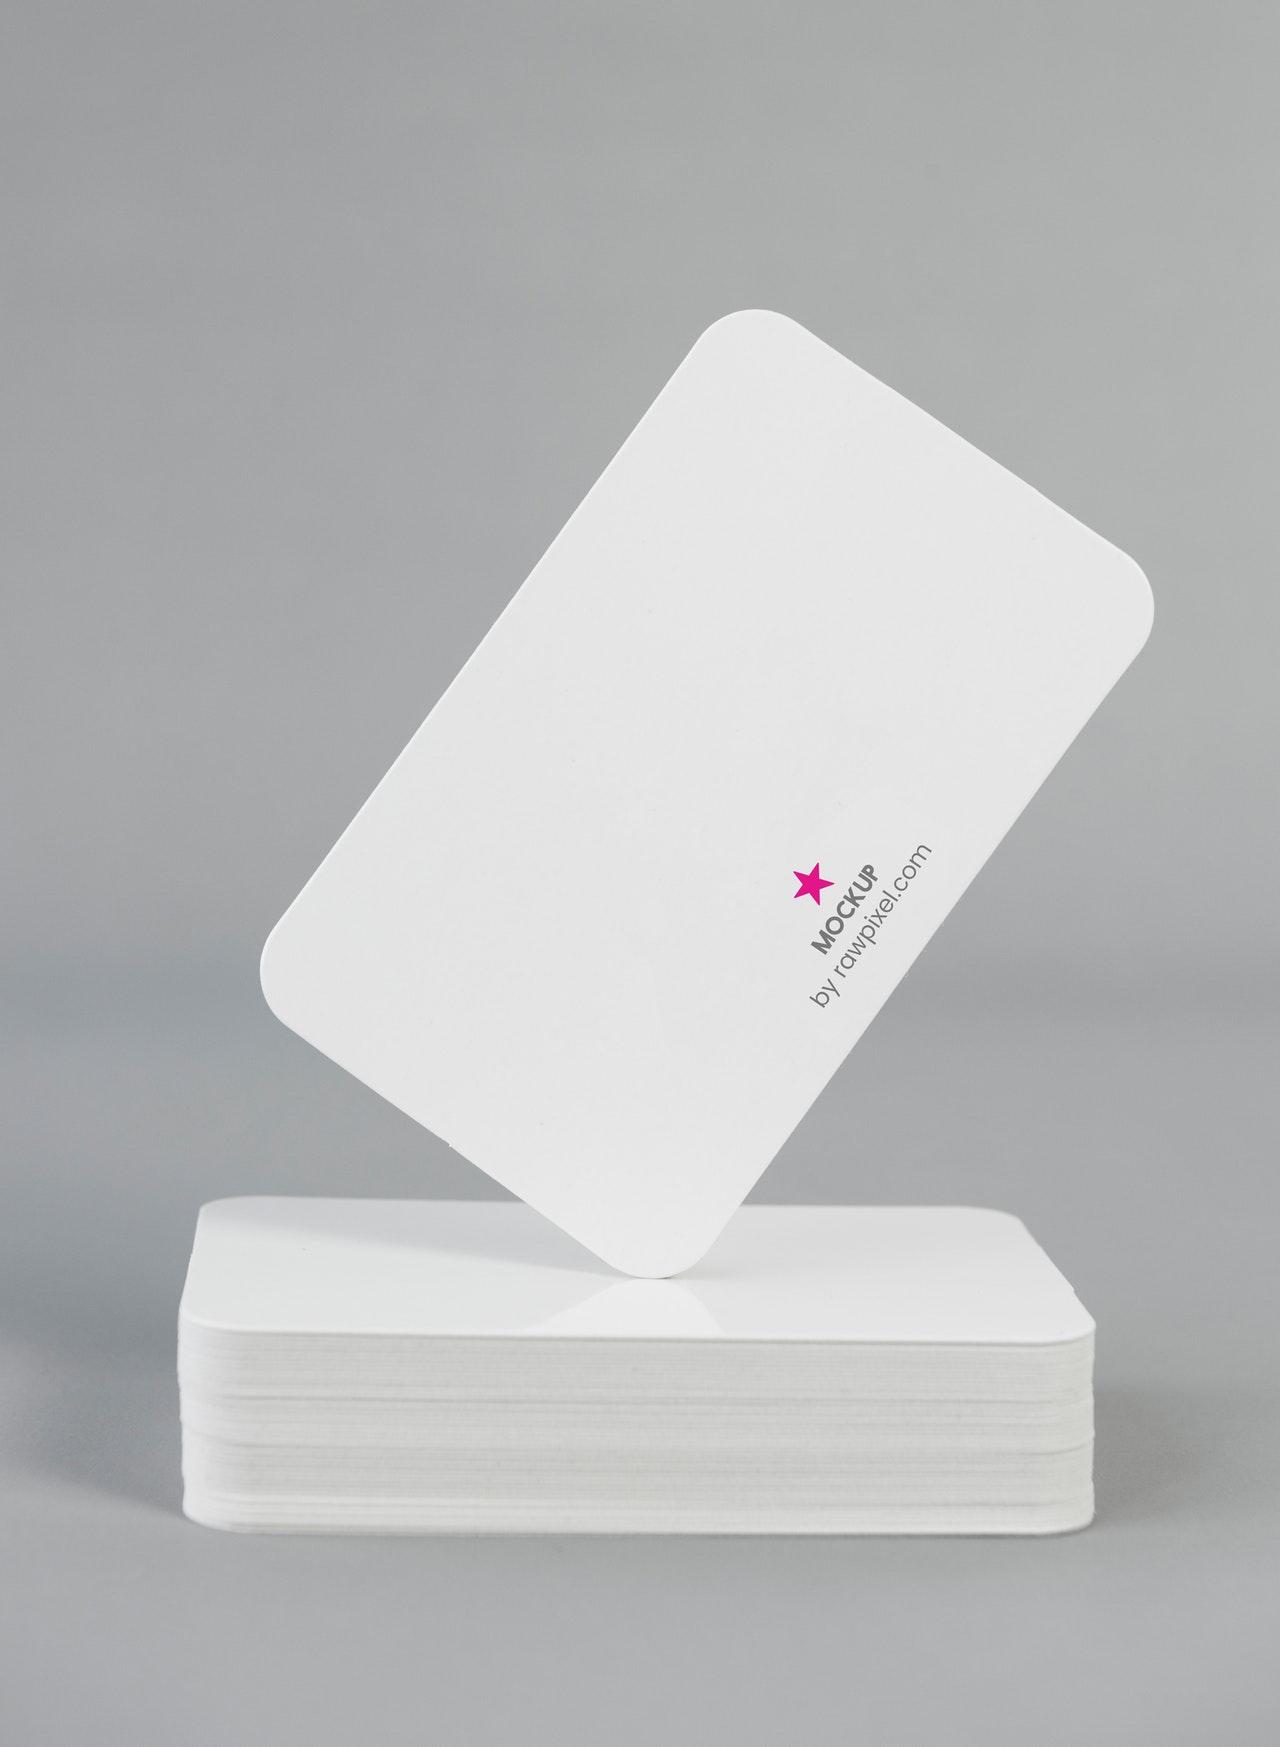 Round- Corner Business Card